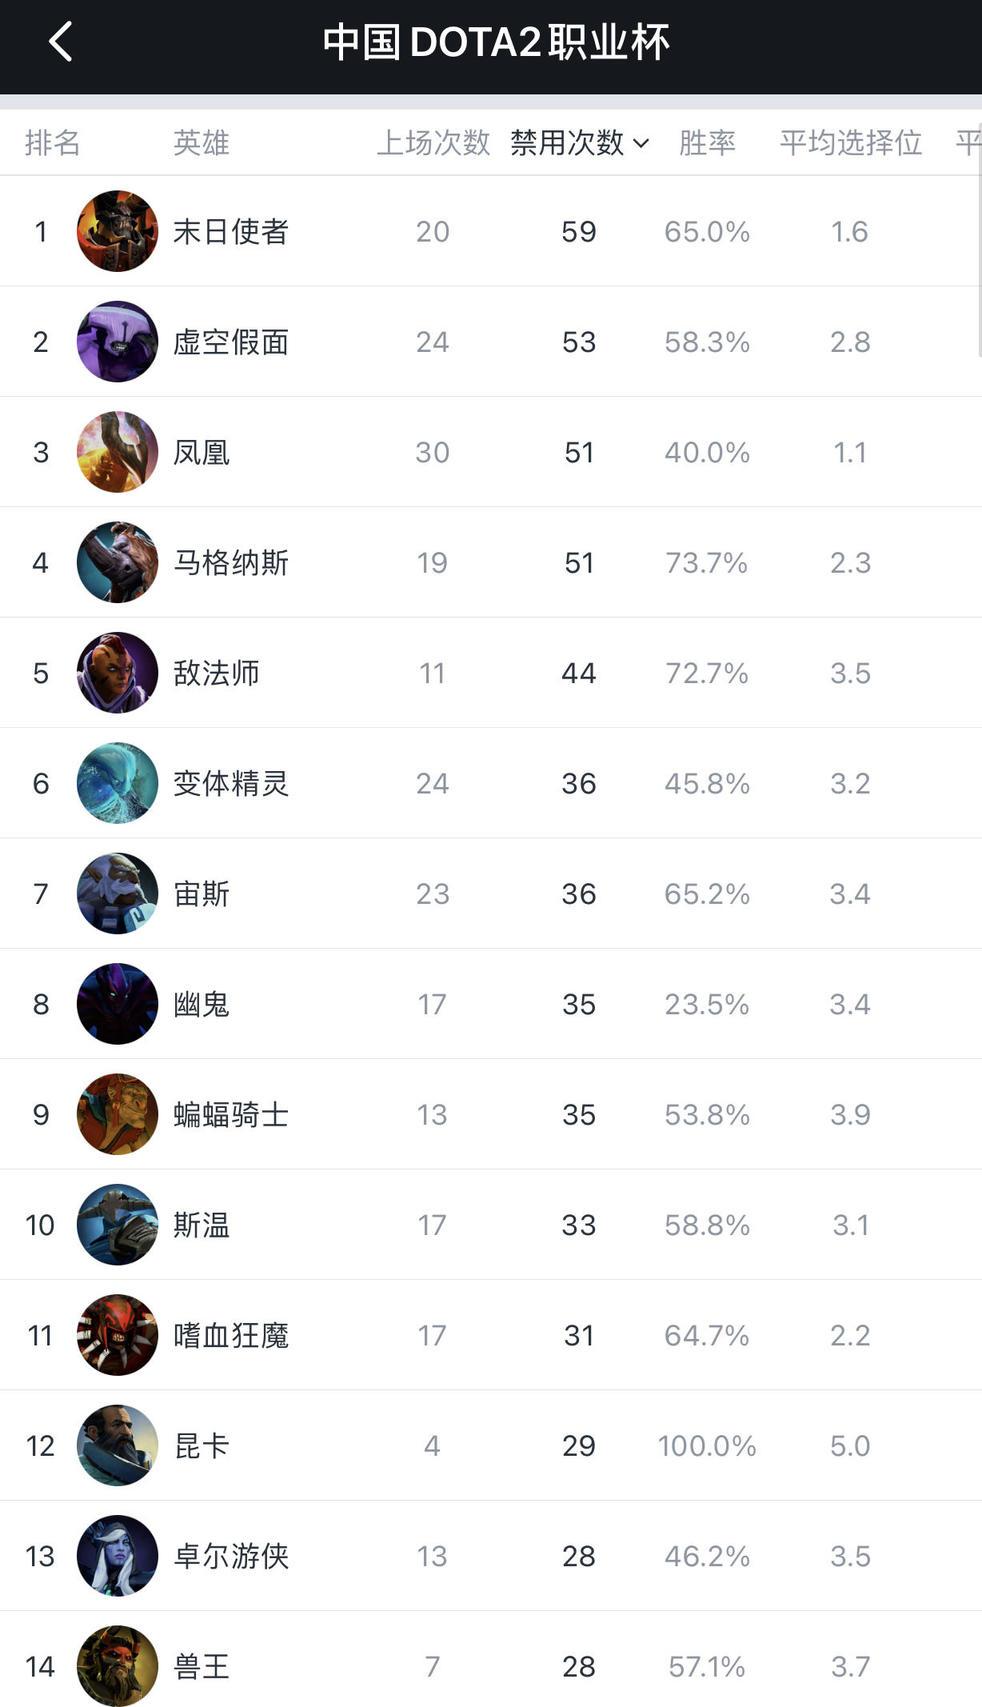 中国DOTA2职业杯赛后总结:线优压制,???? ,快速成型!